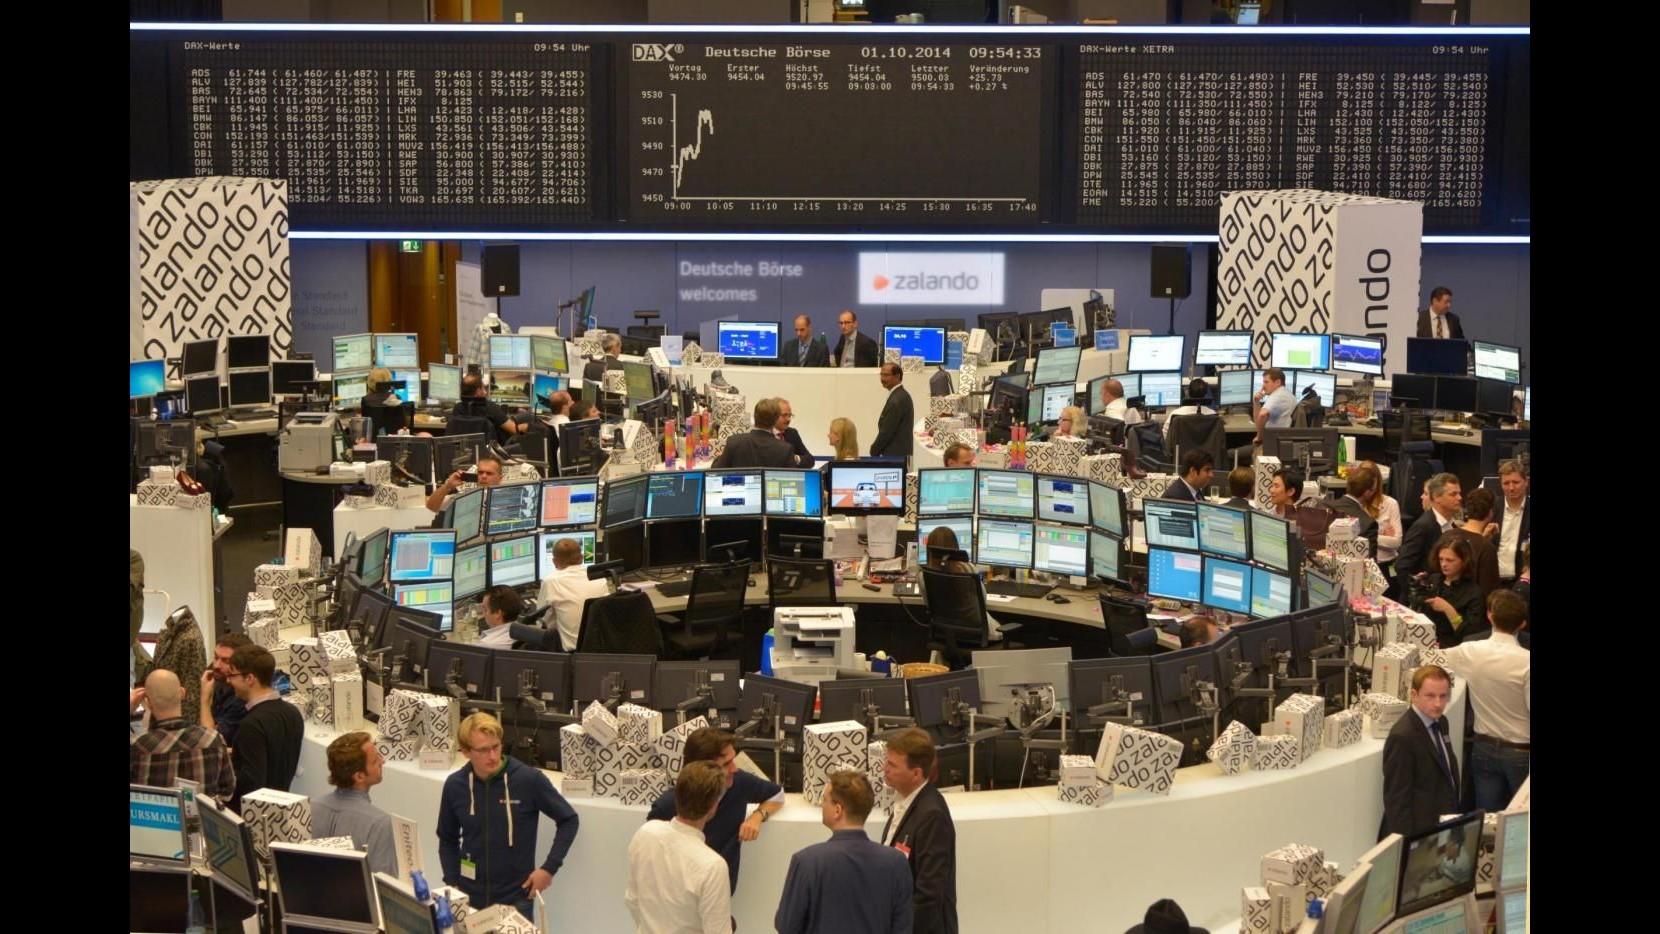 Borsa, futures listini europei tutti in rialzo: Francoforte +2.7%